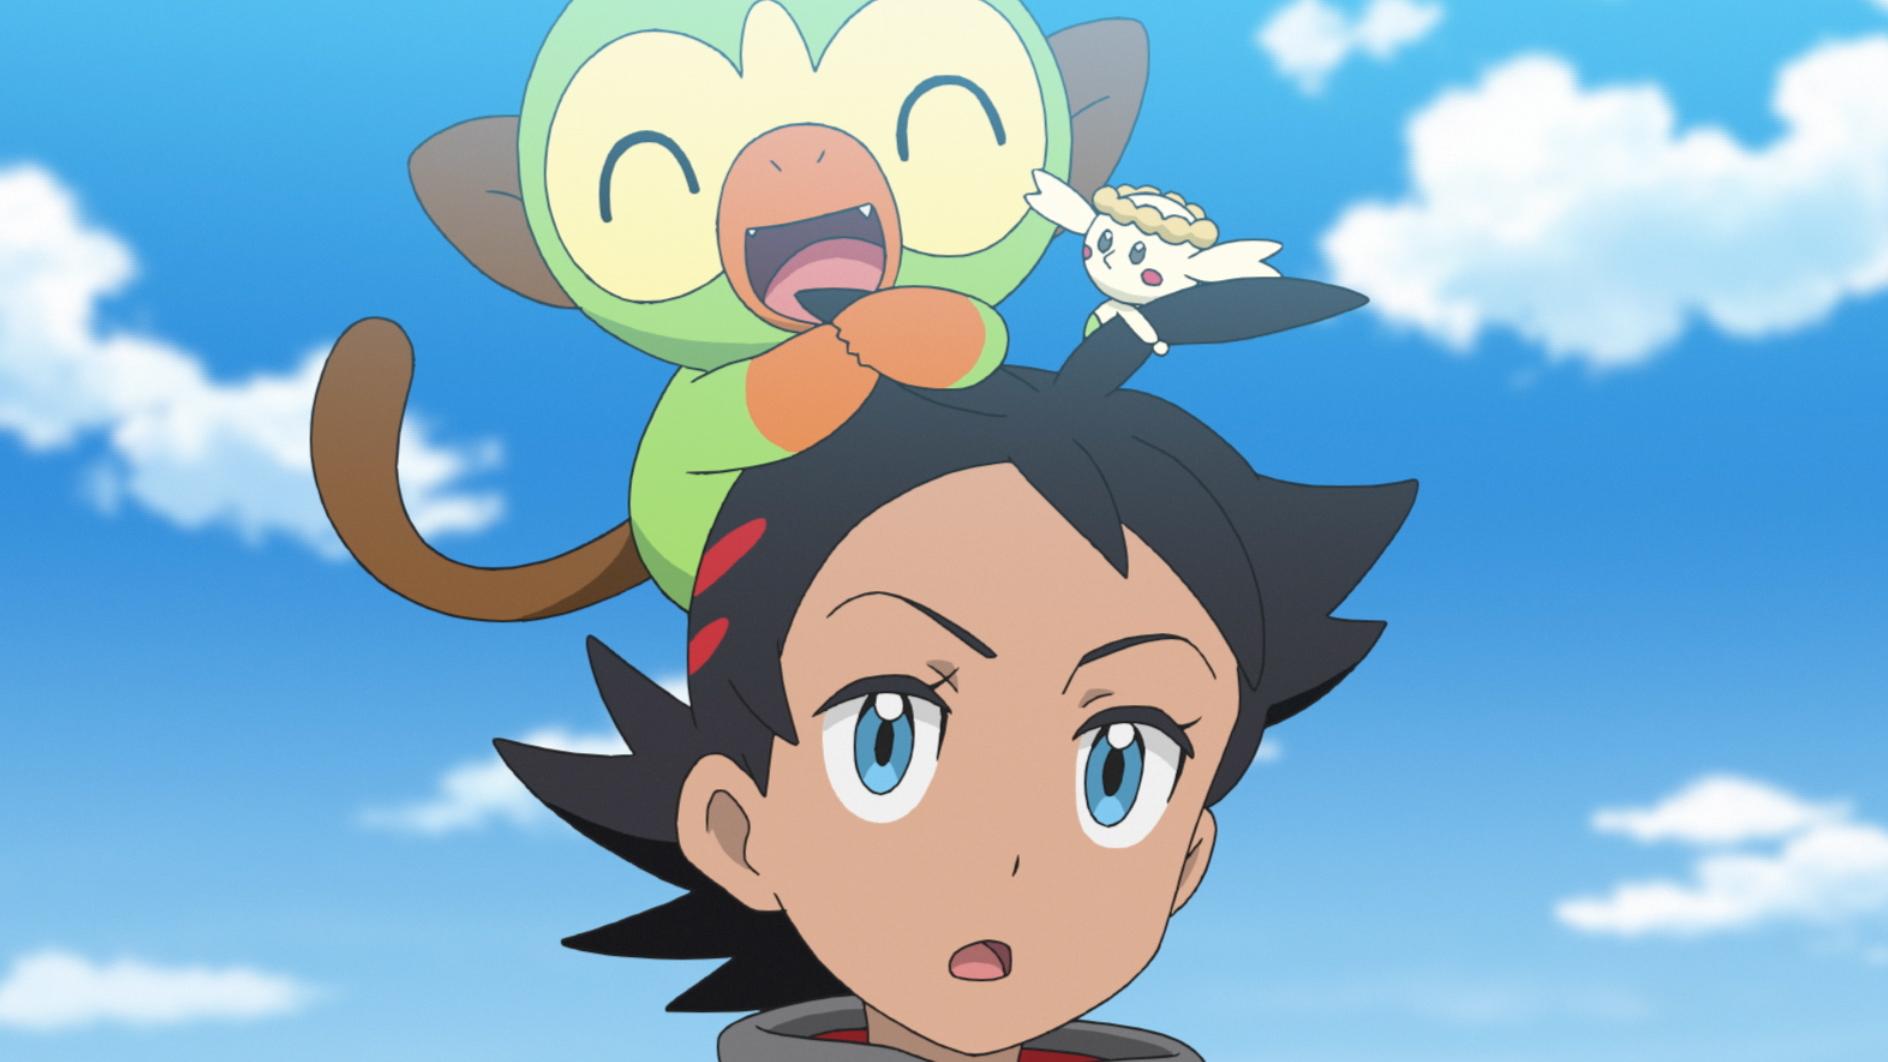 ゴウ&サルノリ、フラベベ (C) Nintendo・Creatures・GAME FREAK・TV Tokyo・ShoPro・JR Kikaku (C)  Pokémon